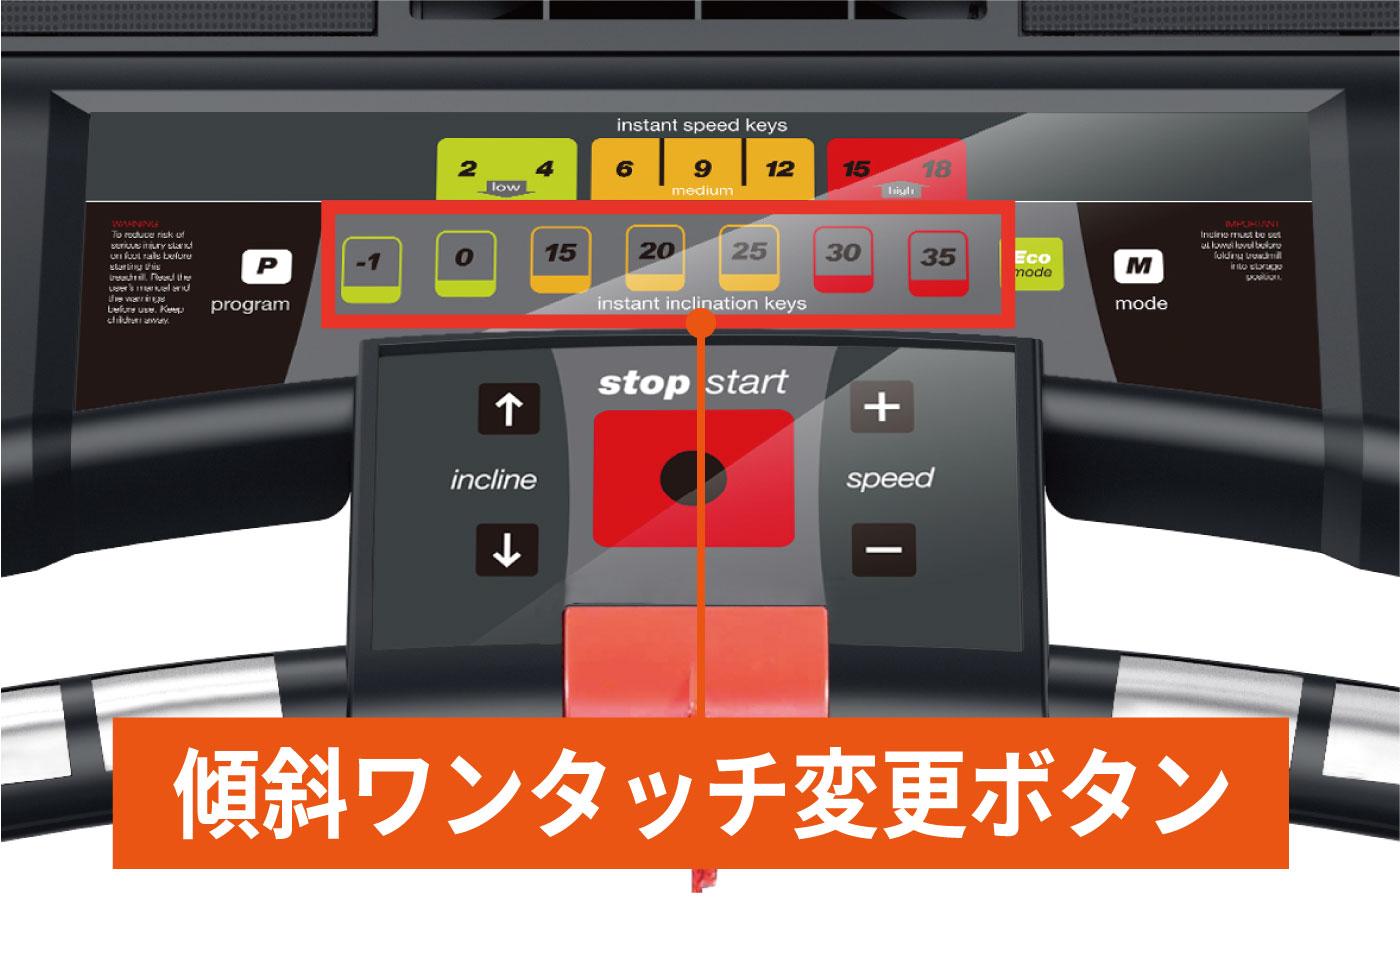 ワンタッチ即時変更ボタン